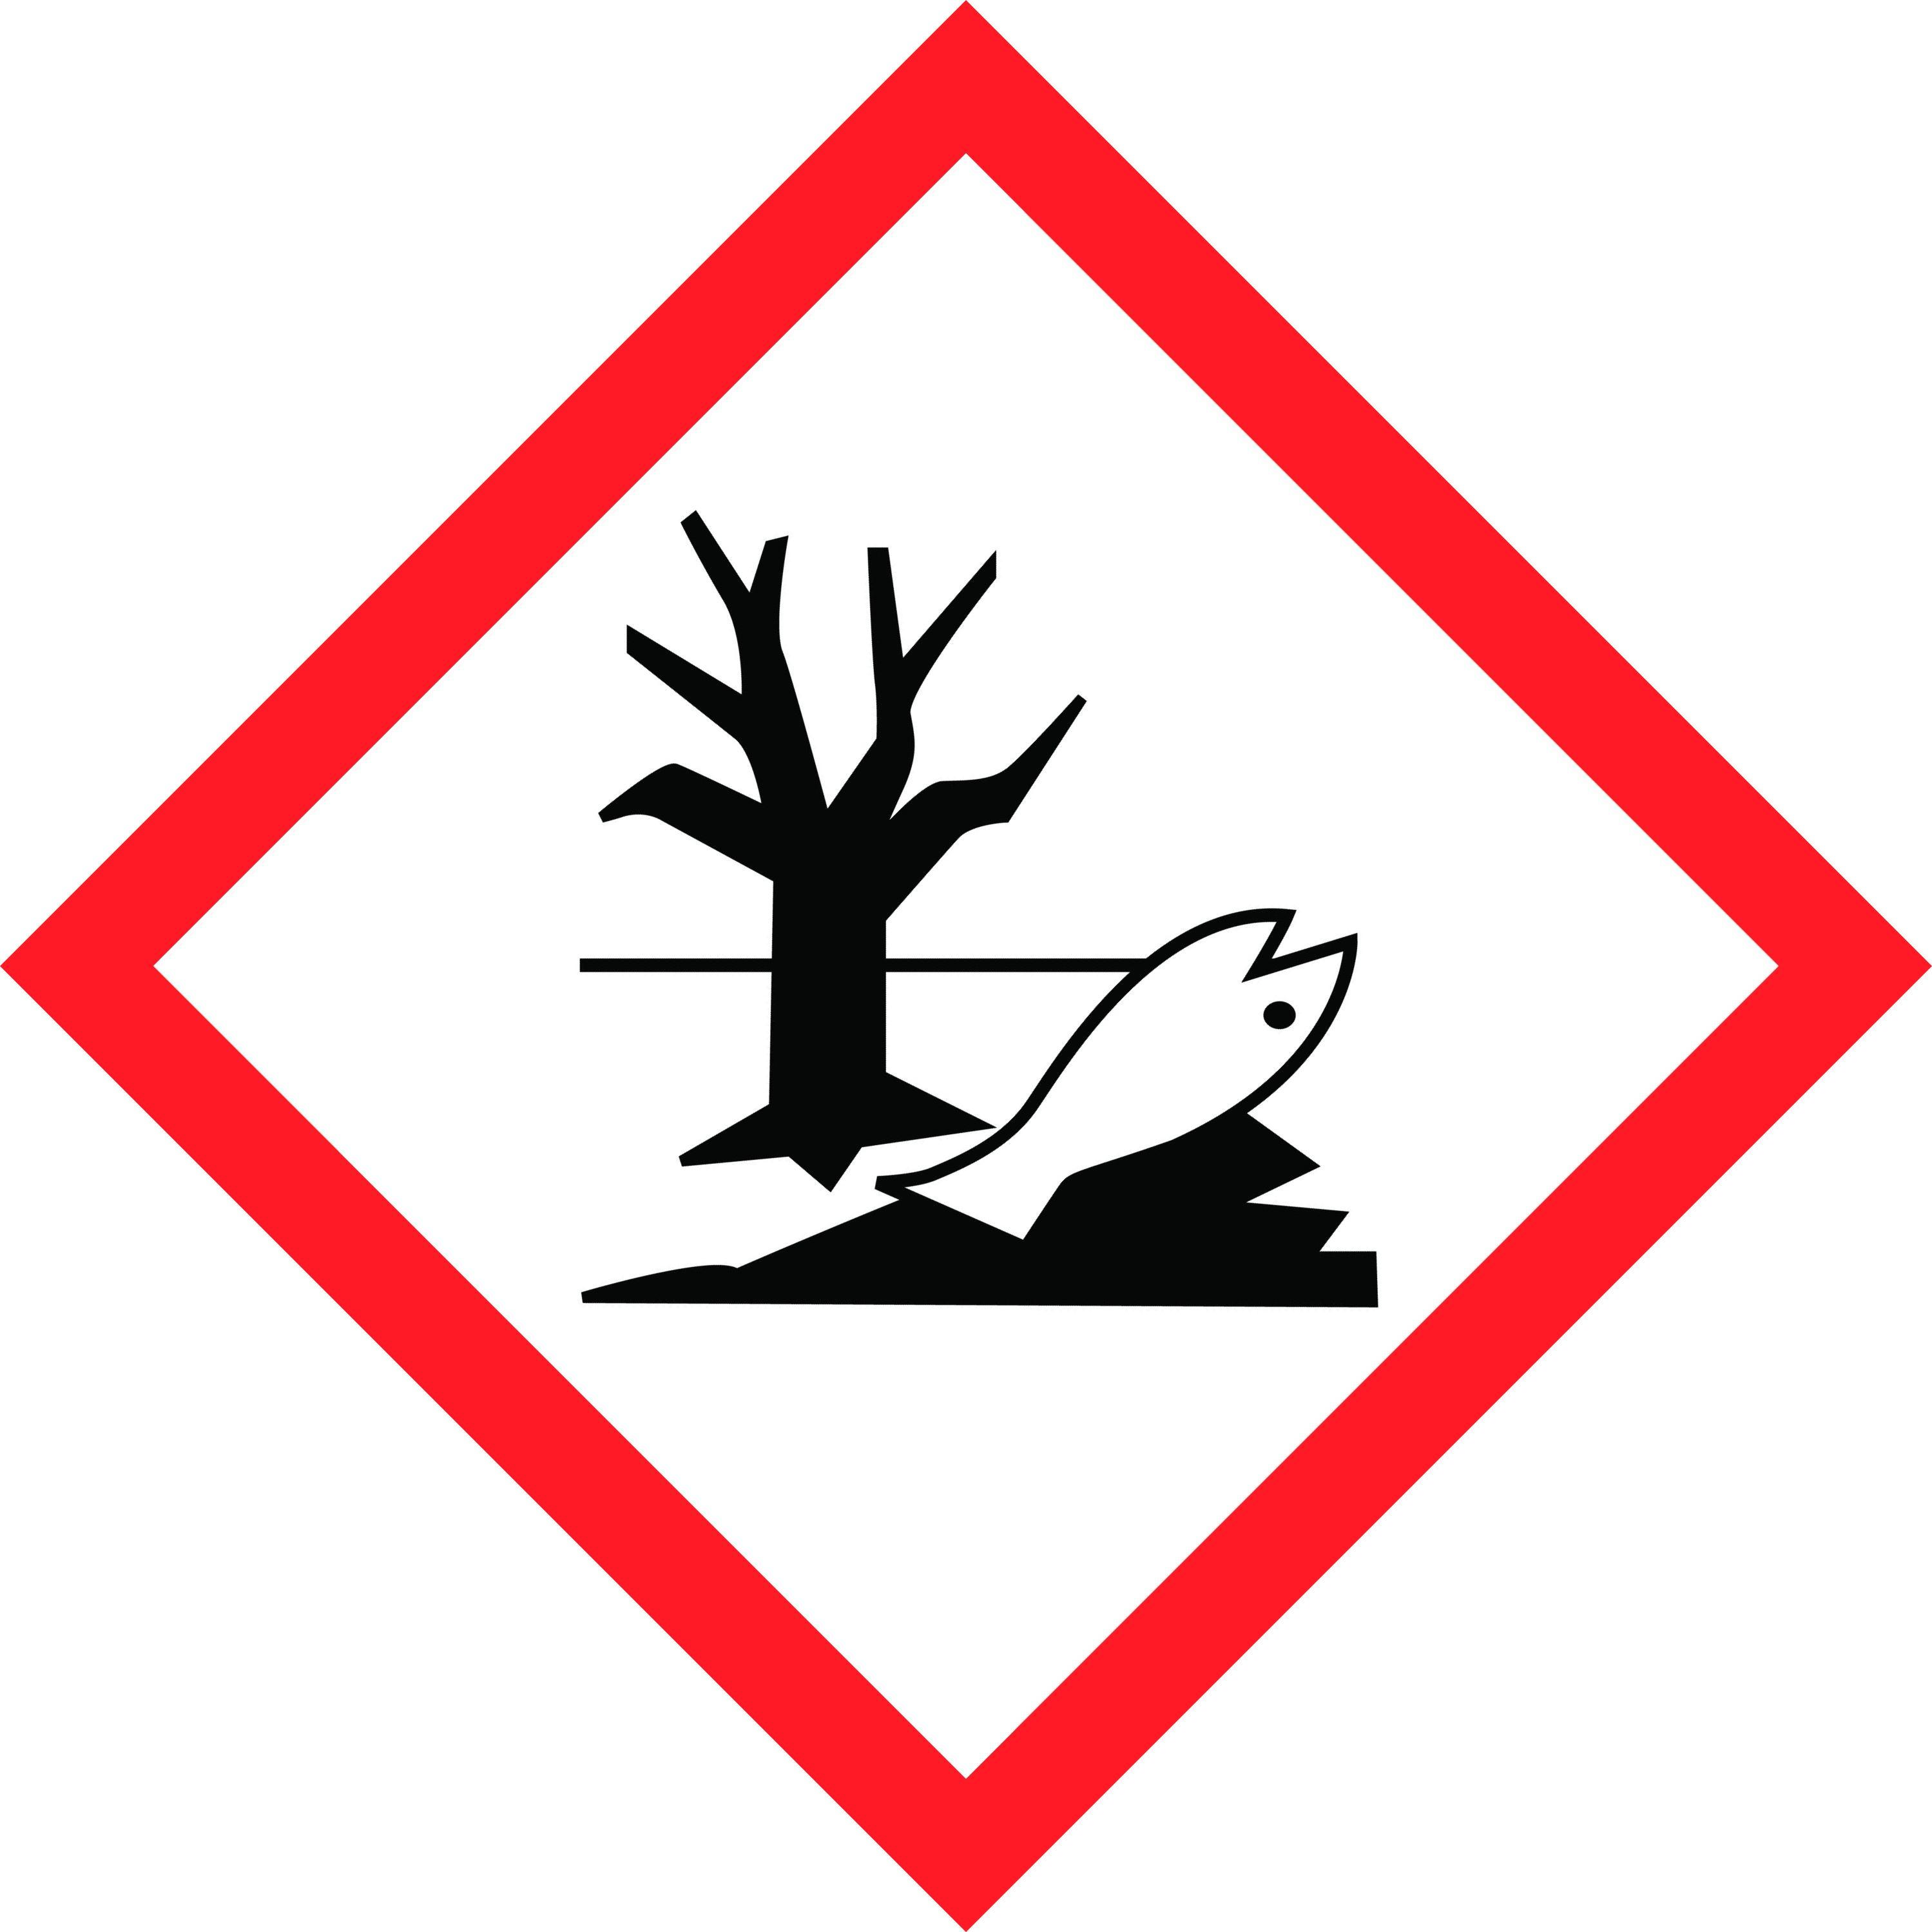 aquatic pollut red